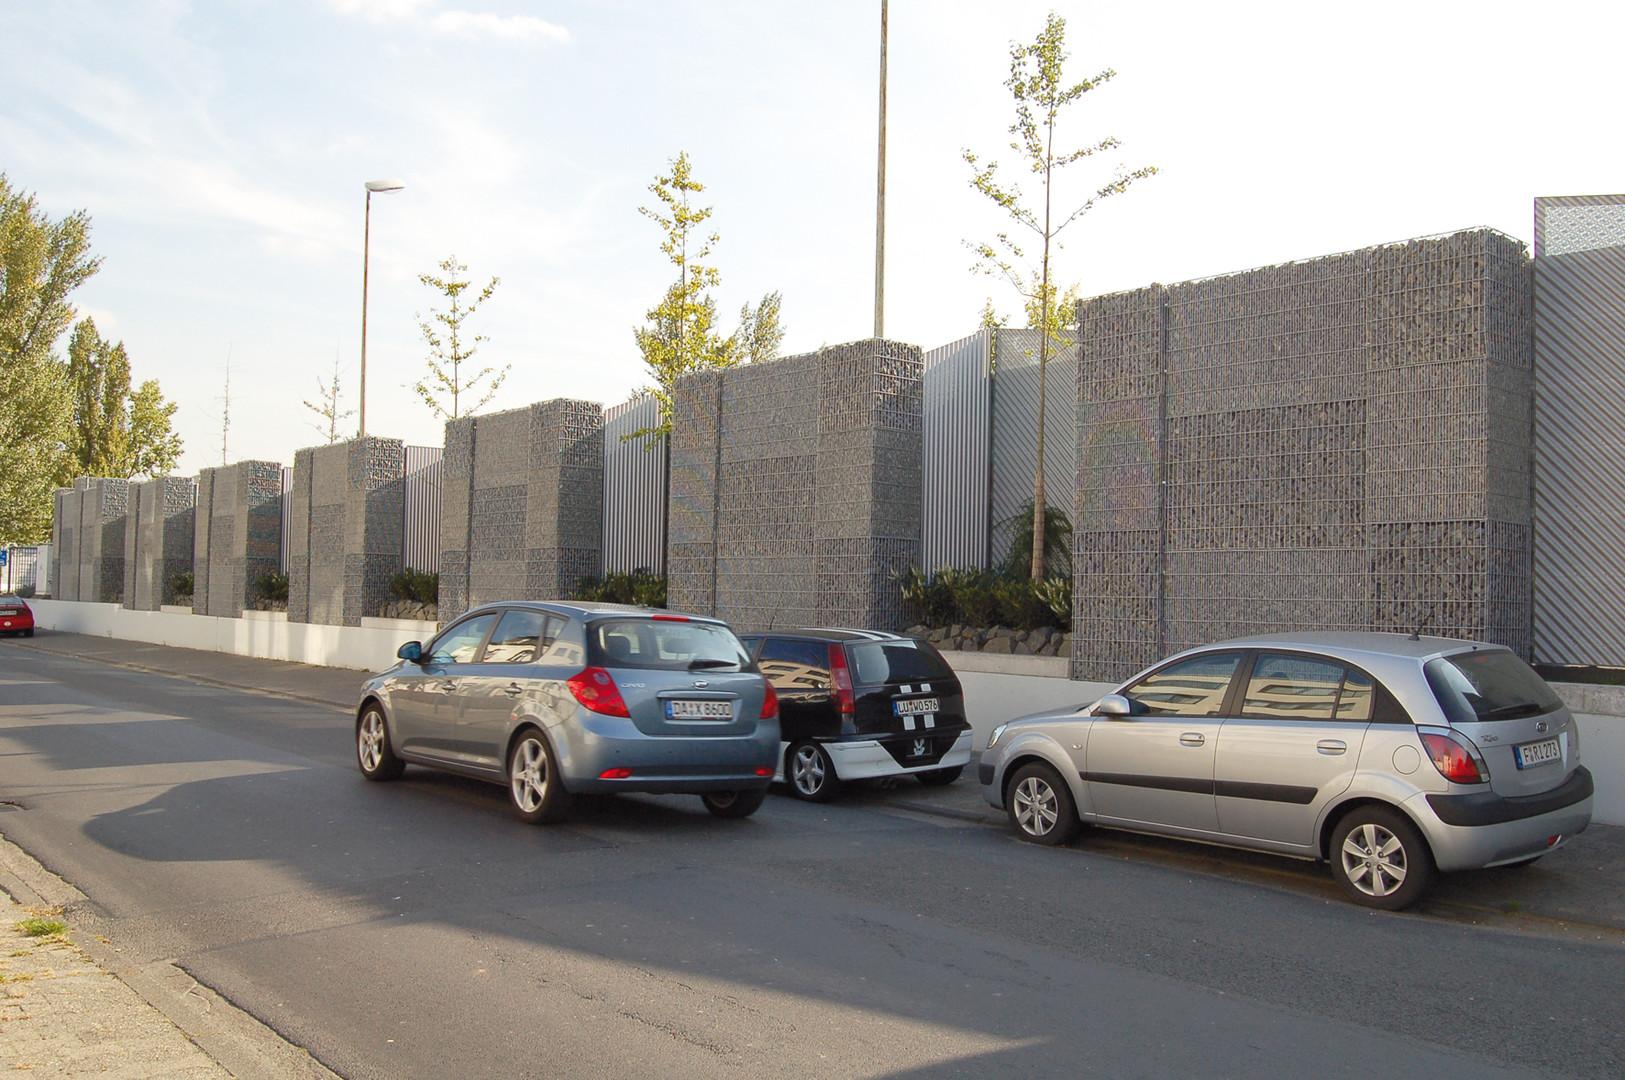 Kombinera Bullerskydd och Växter i Urban Miljö